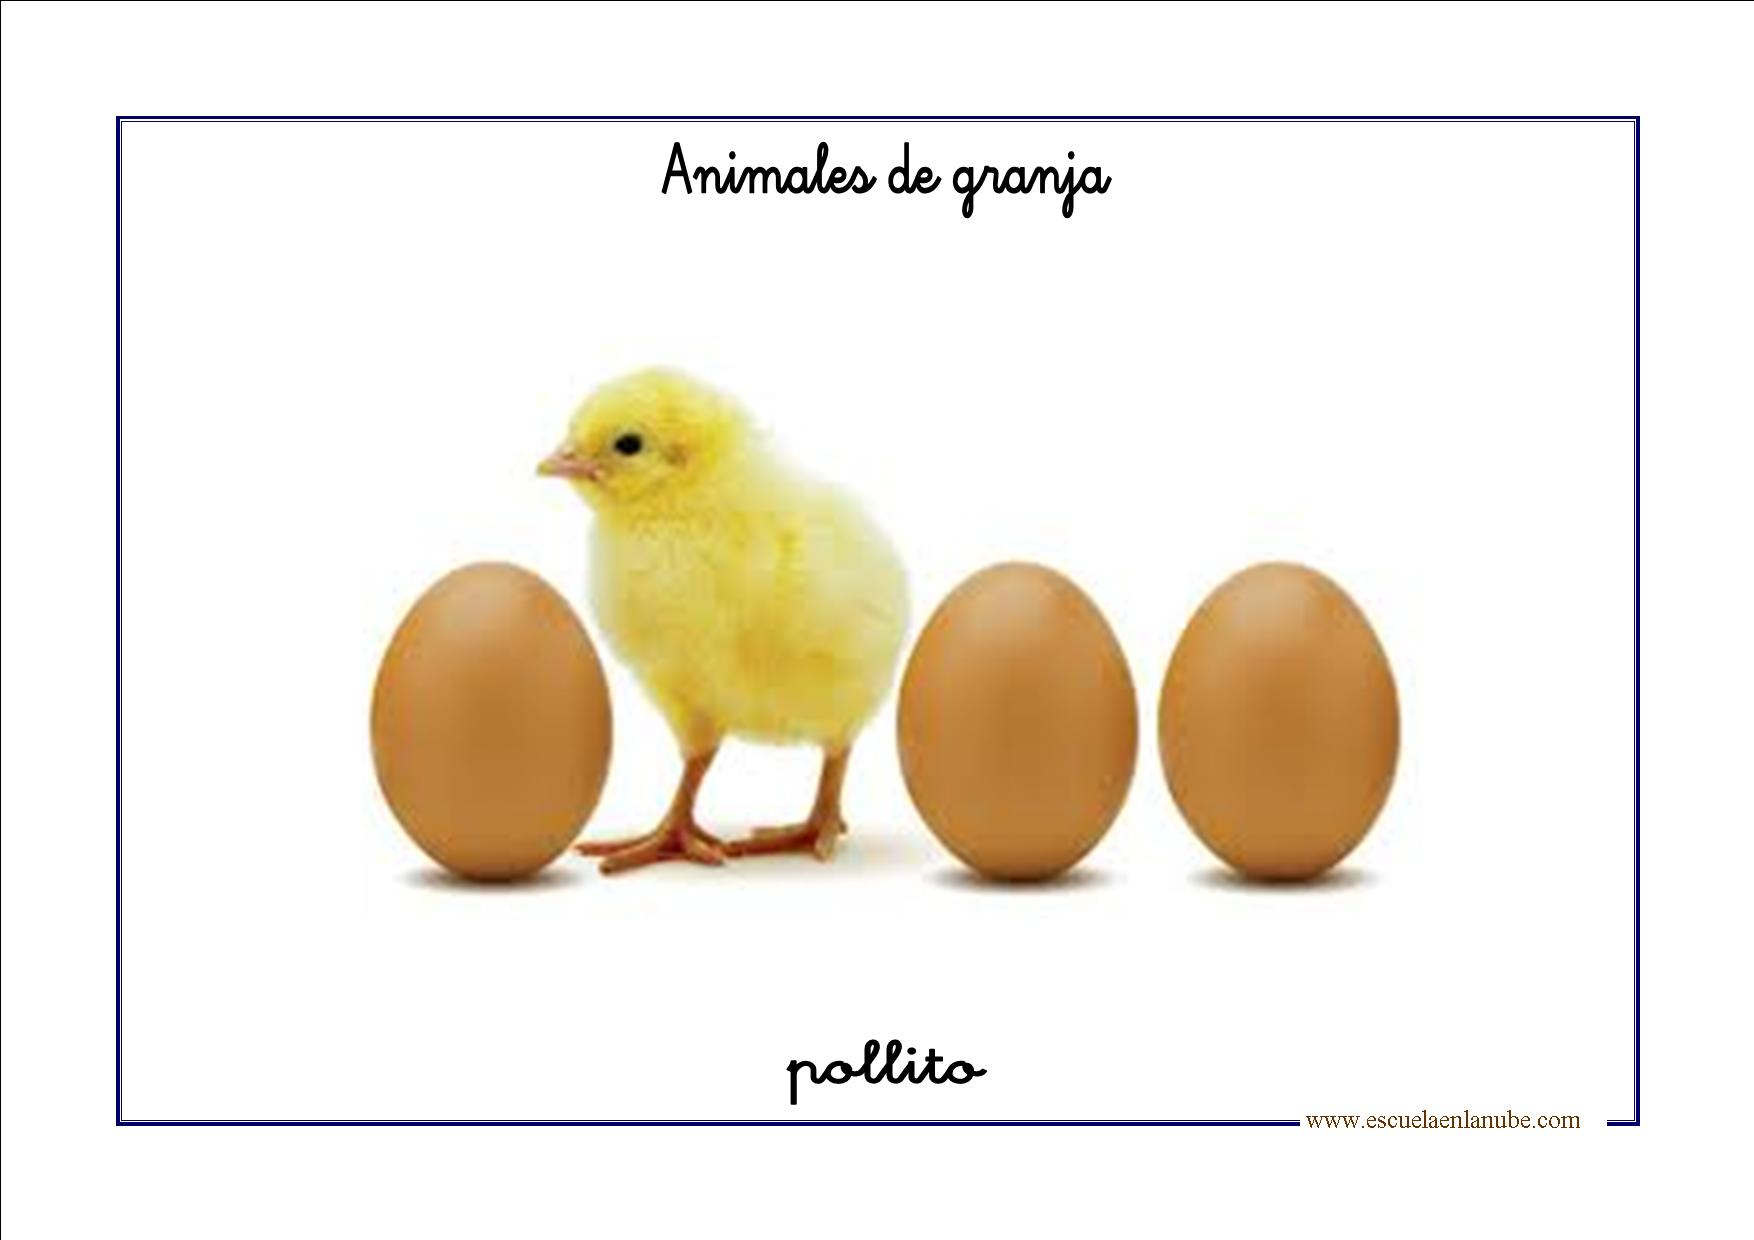 Fichas de infantil: Vocabulario básico con animales de granja